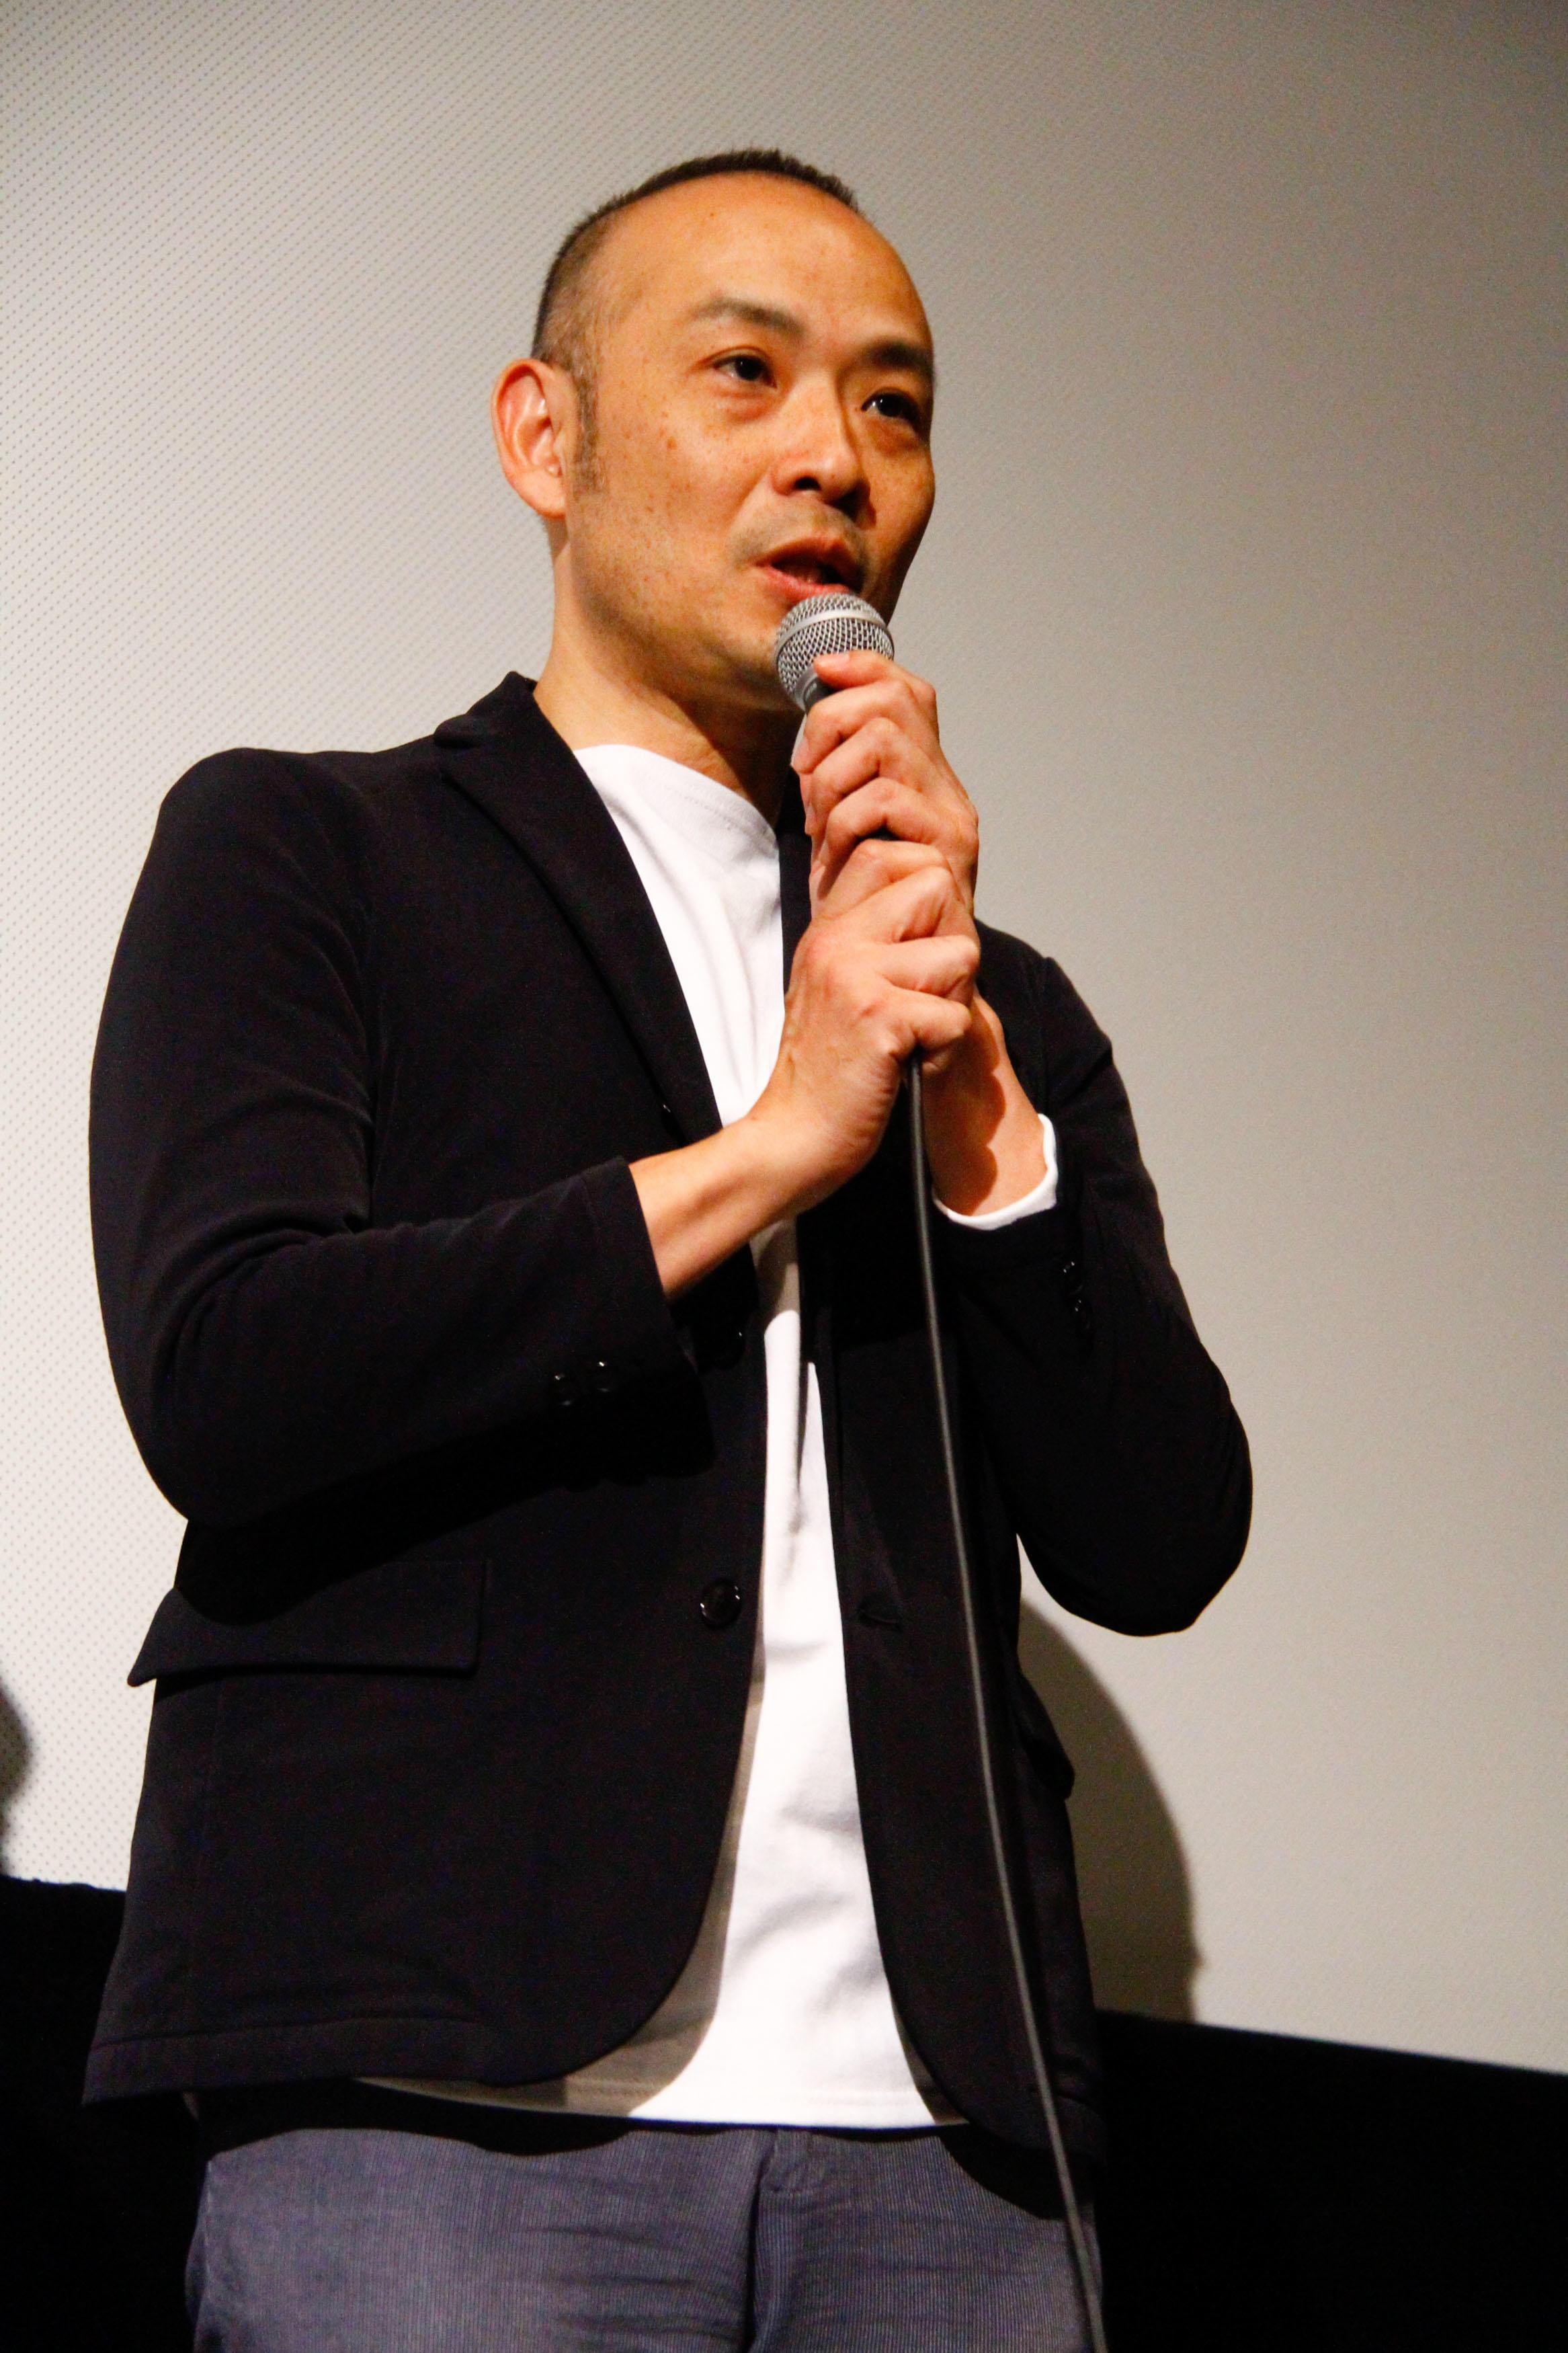 http://news.yoshimoto.co.jp/20180331233928-bf4a82dfc658144151fbe7858196f6a36b3a6c82.jpg